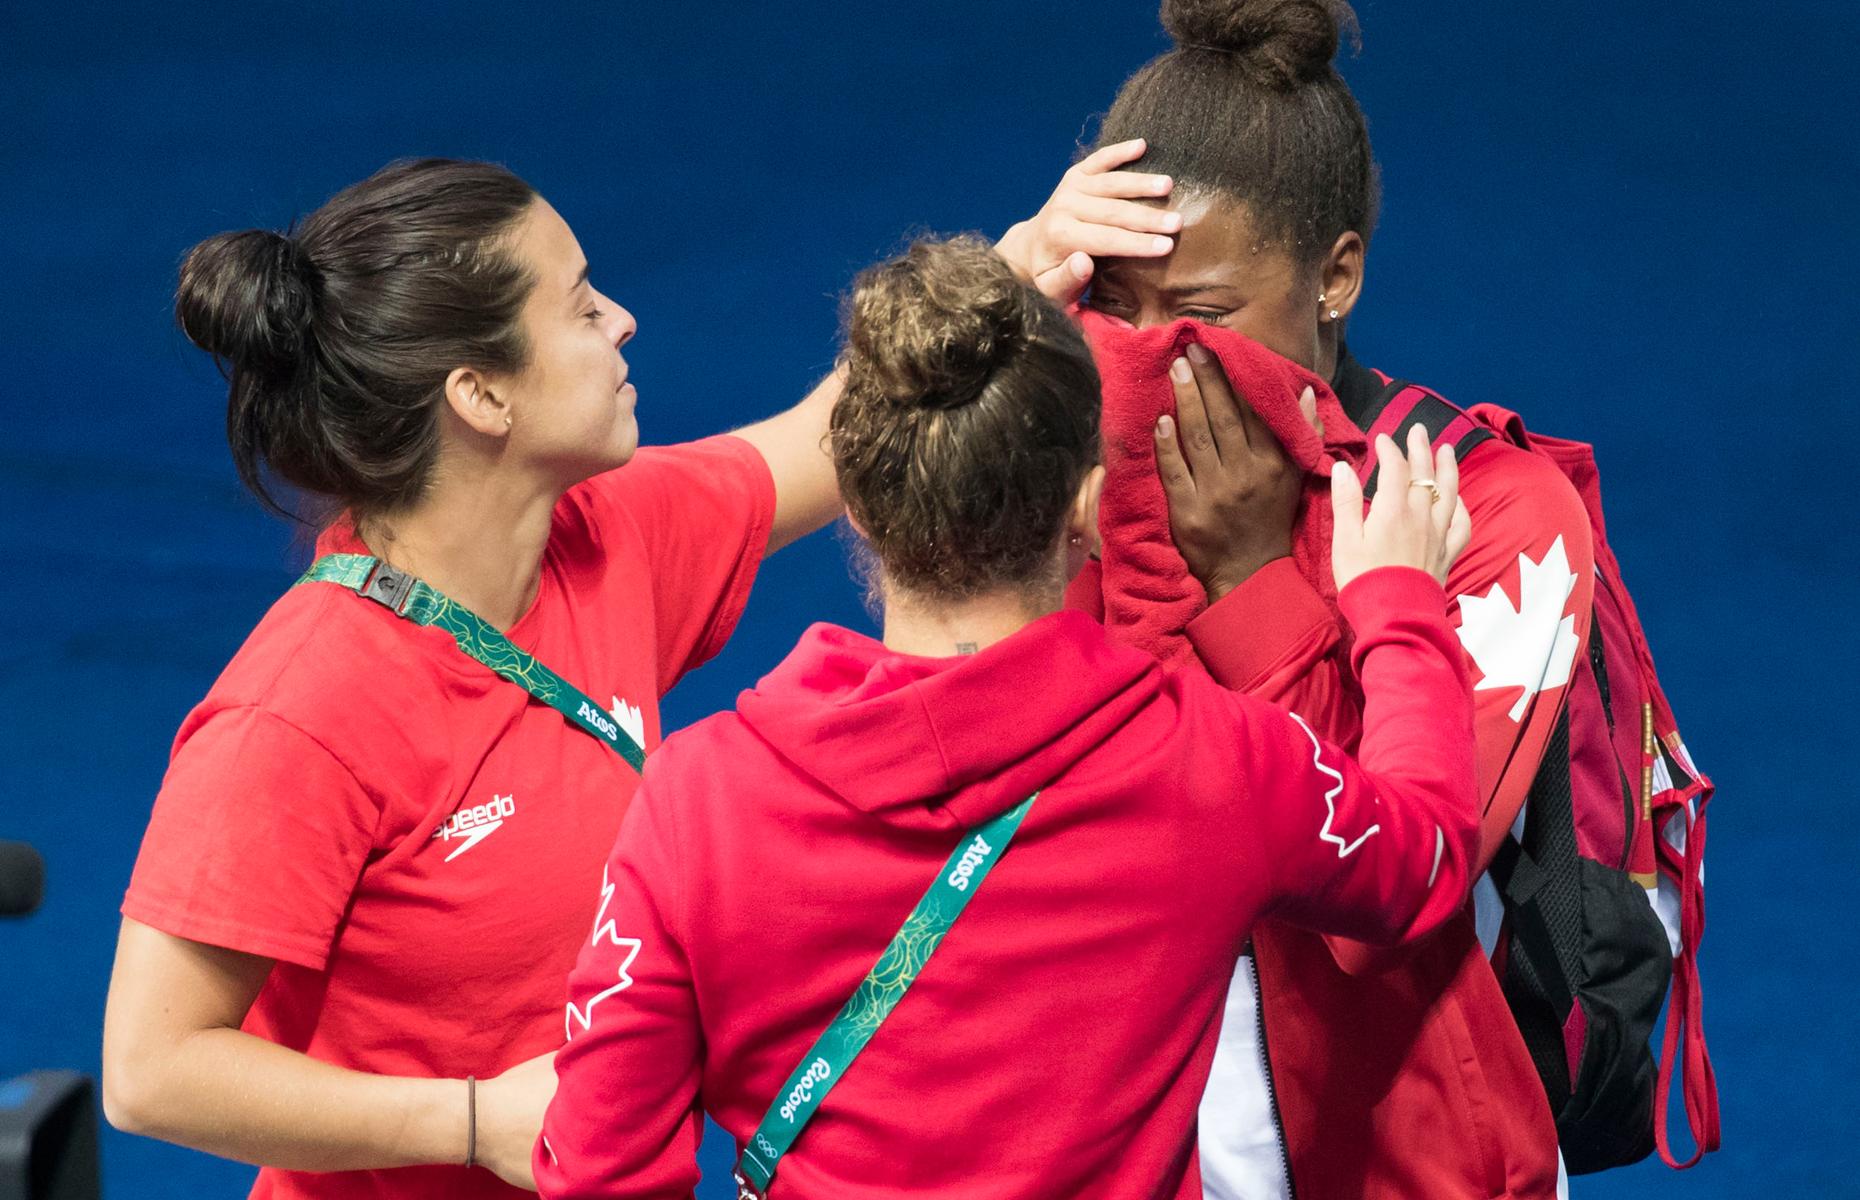 La plongeuse Meaghan Benfeito console Jennifer Abel après que cette dernière et sa coéquipière Pamela Ware eurent raté le podium en plongeon synchronisé à la tour de 3 mètres, le 7 août à Rio de Janeiro.